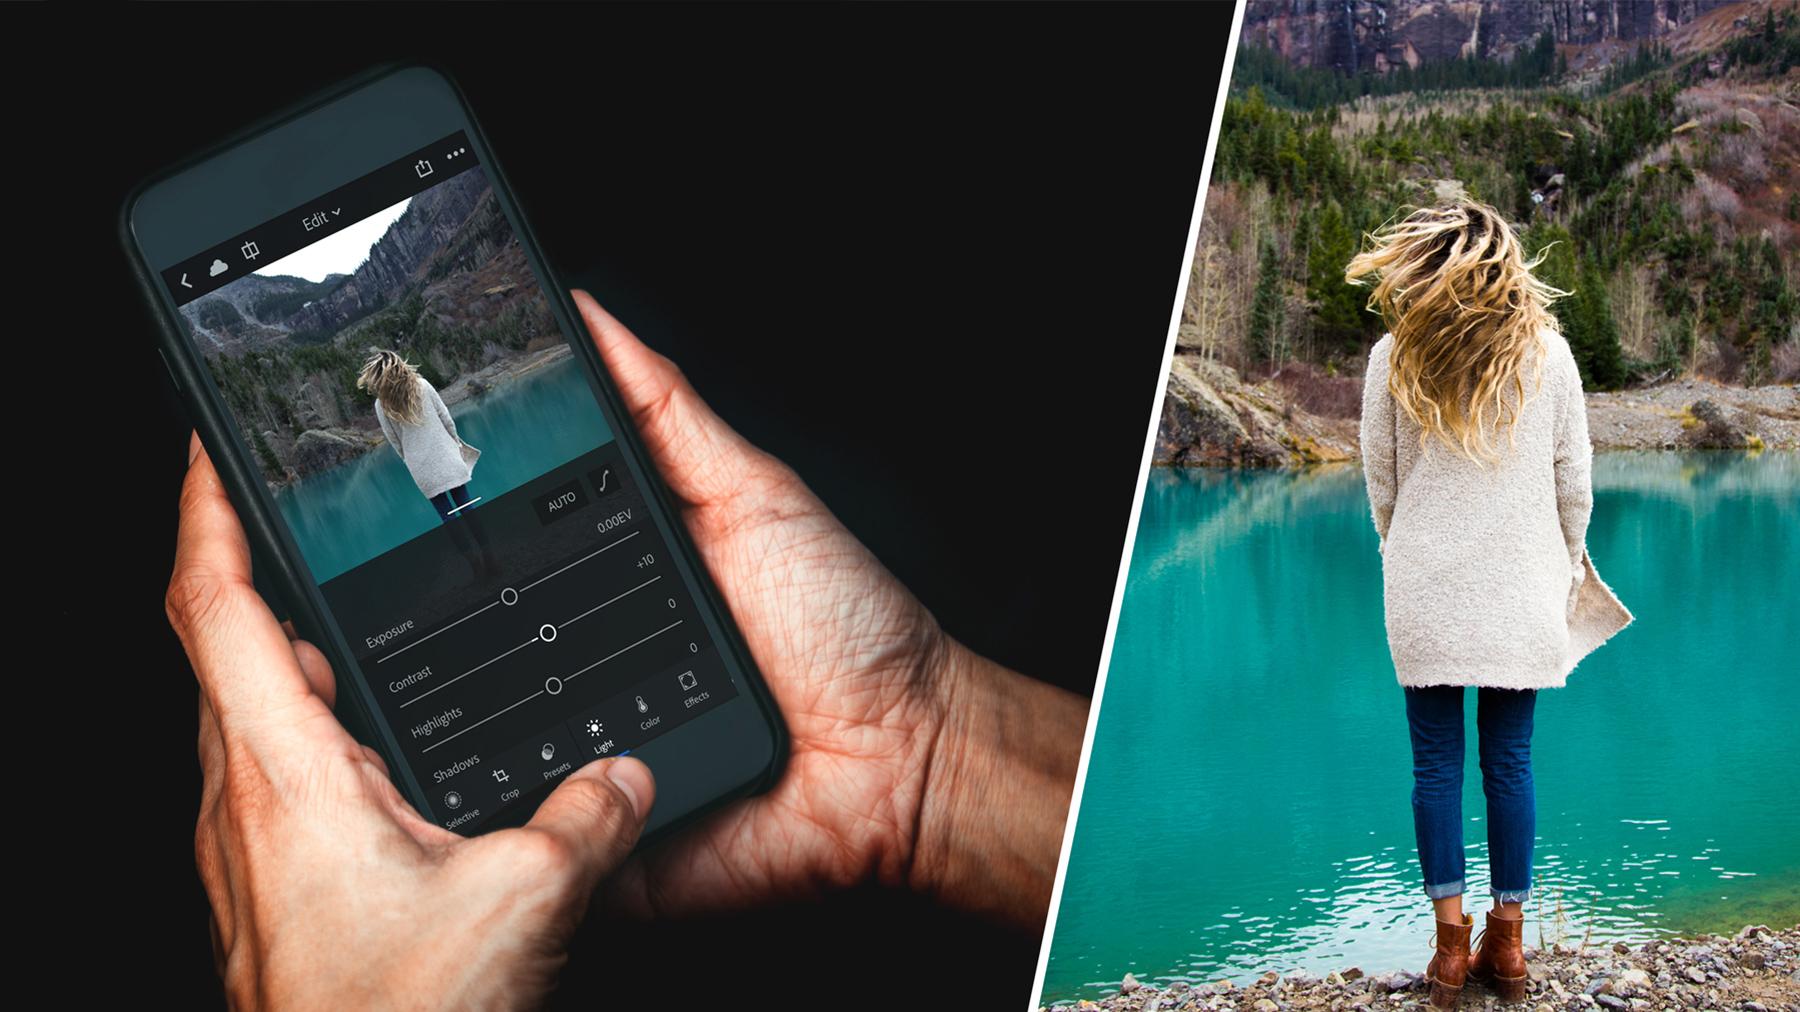 предлагает приложения на телефон для обработки фото можно многими